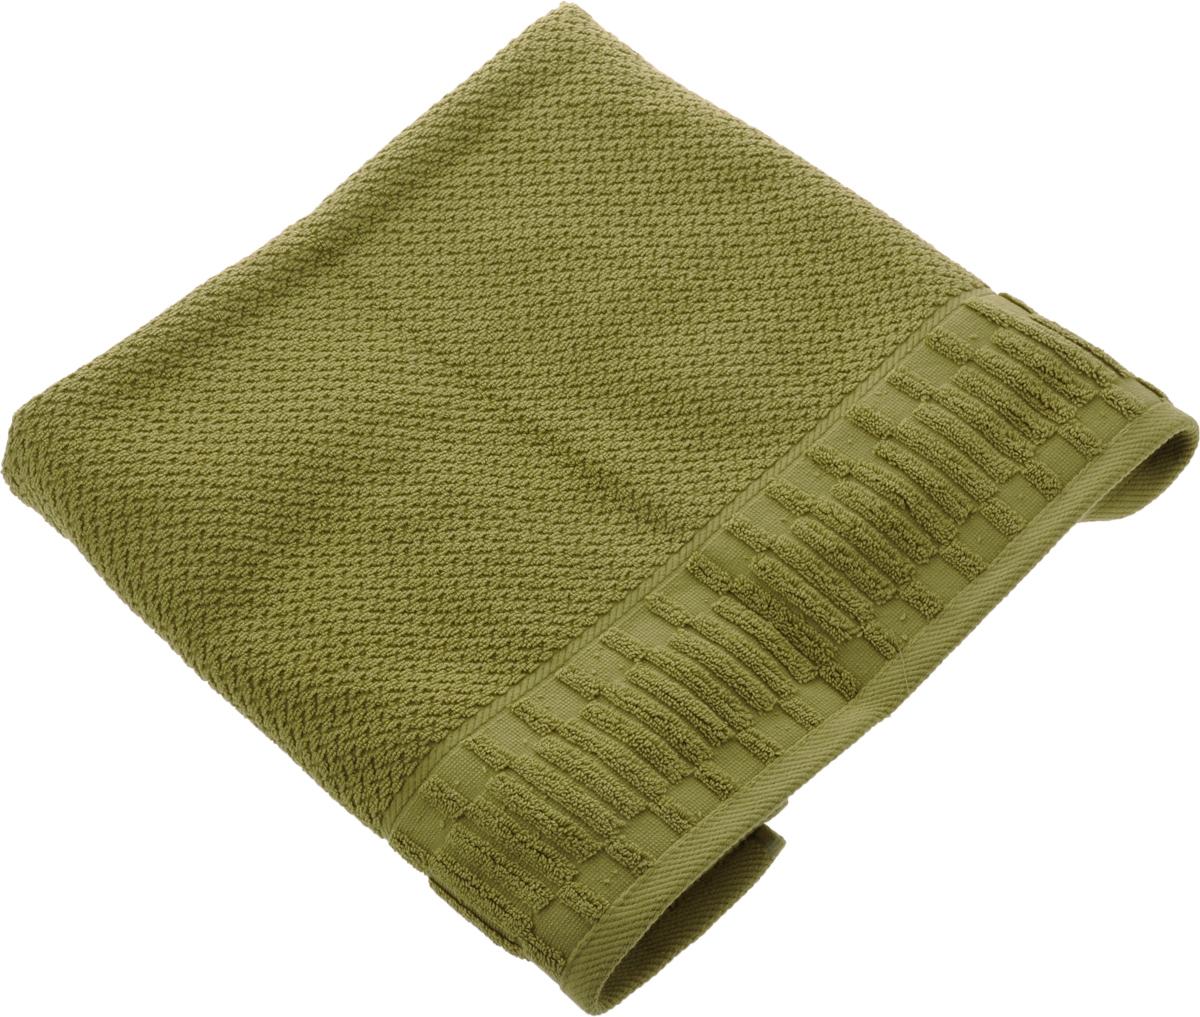 Полотенце Soavita Luxury. Mineola, цвет: зеленый, 70 х 140 см61099Полотенце Soavita Luxury. Mineola выполнено из 100% хлопка. Изделие отлично впитывает влагу, быстро сохнет, сохраняет яркость цвета и не теряет форму даже после многократных стирок. Полотенце очень практично и неприхотливо в уходе. Оно создаст прекрасное настроение и украсит интерьер.